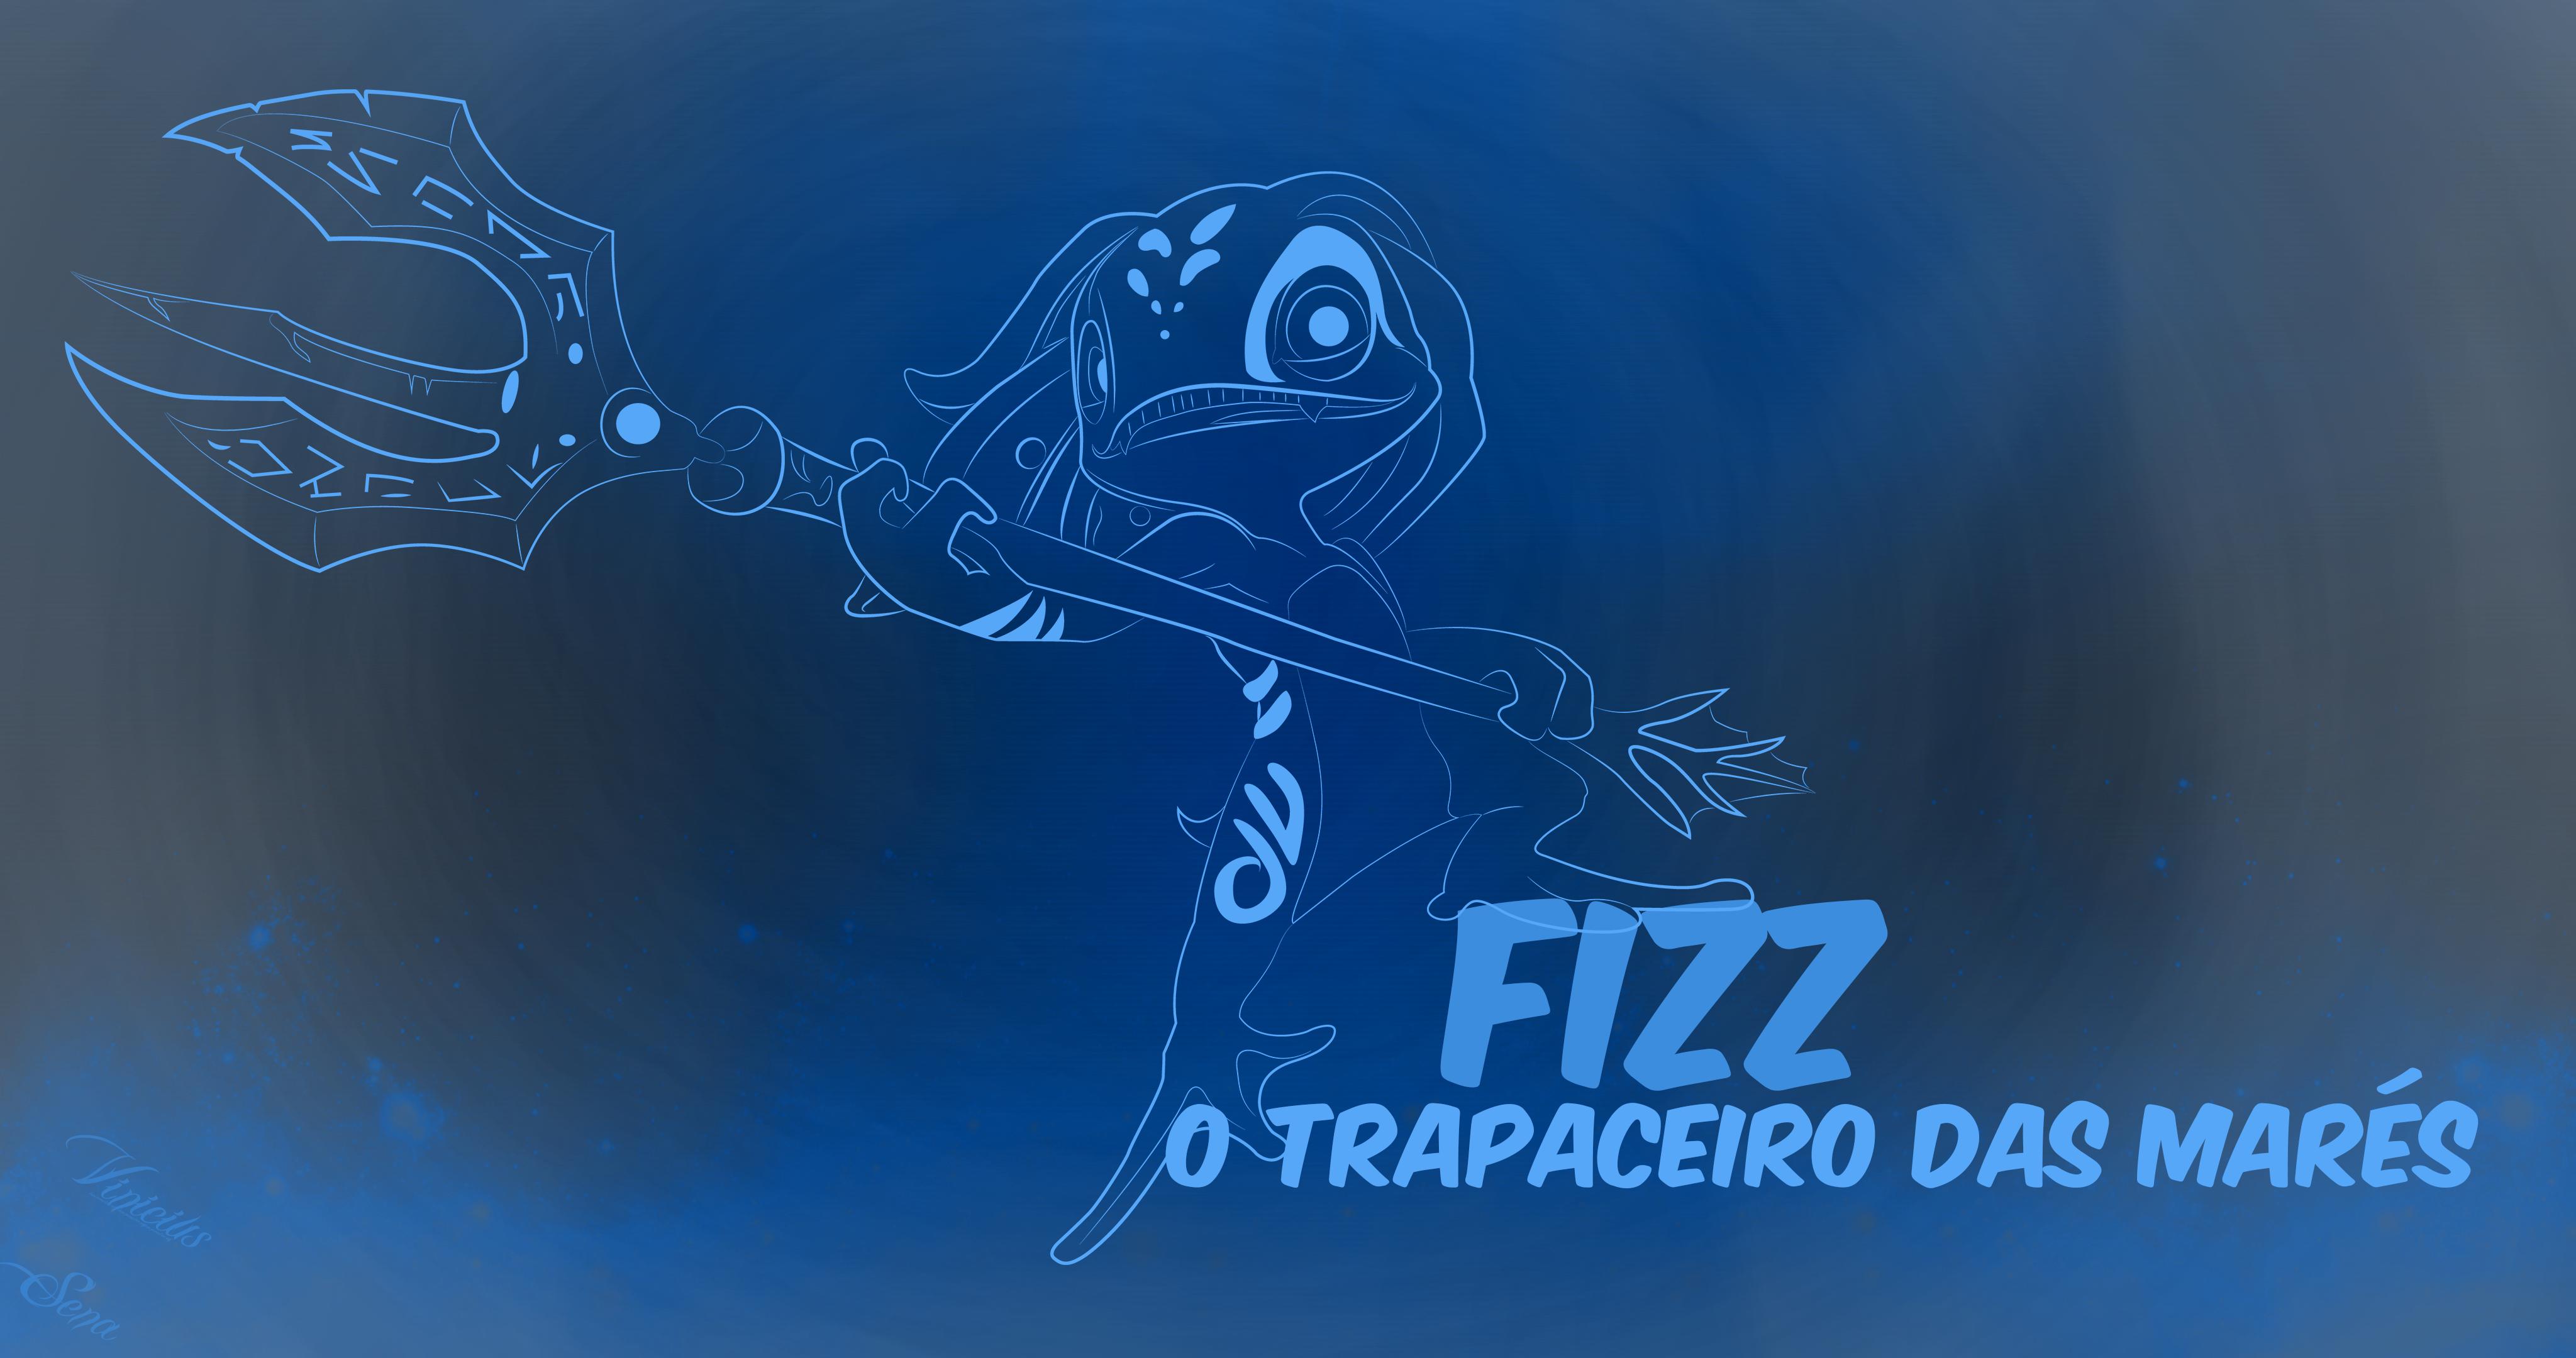 Fizz wallpaper